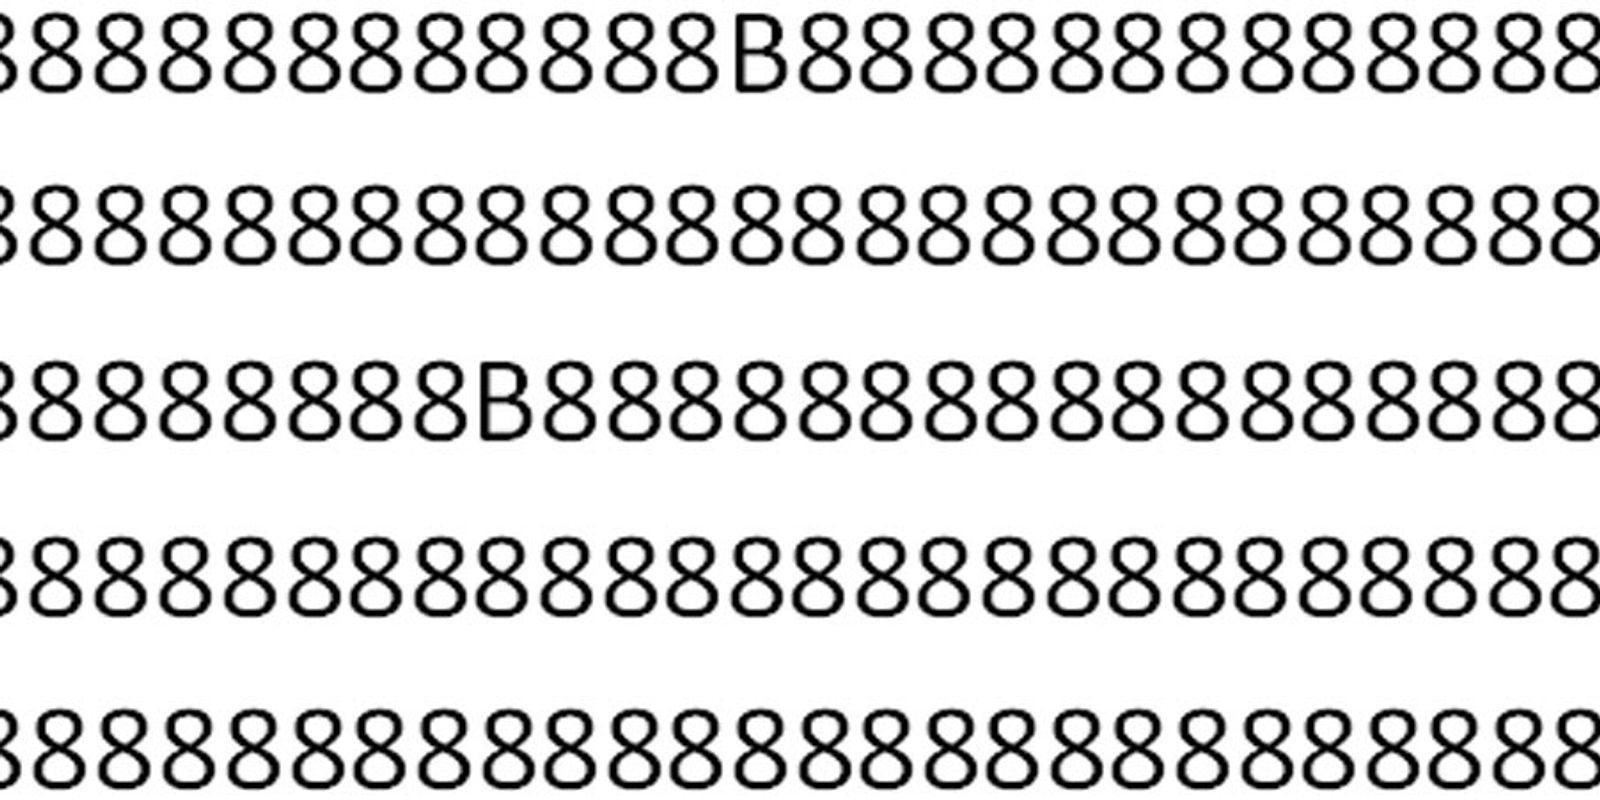 Fast jeder tippt beim ersten Mal falsch: Wie viele Bs befinden sich in diesem Bild?